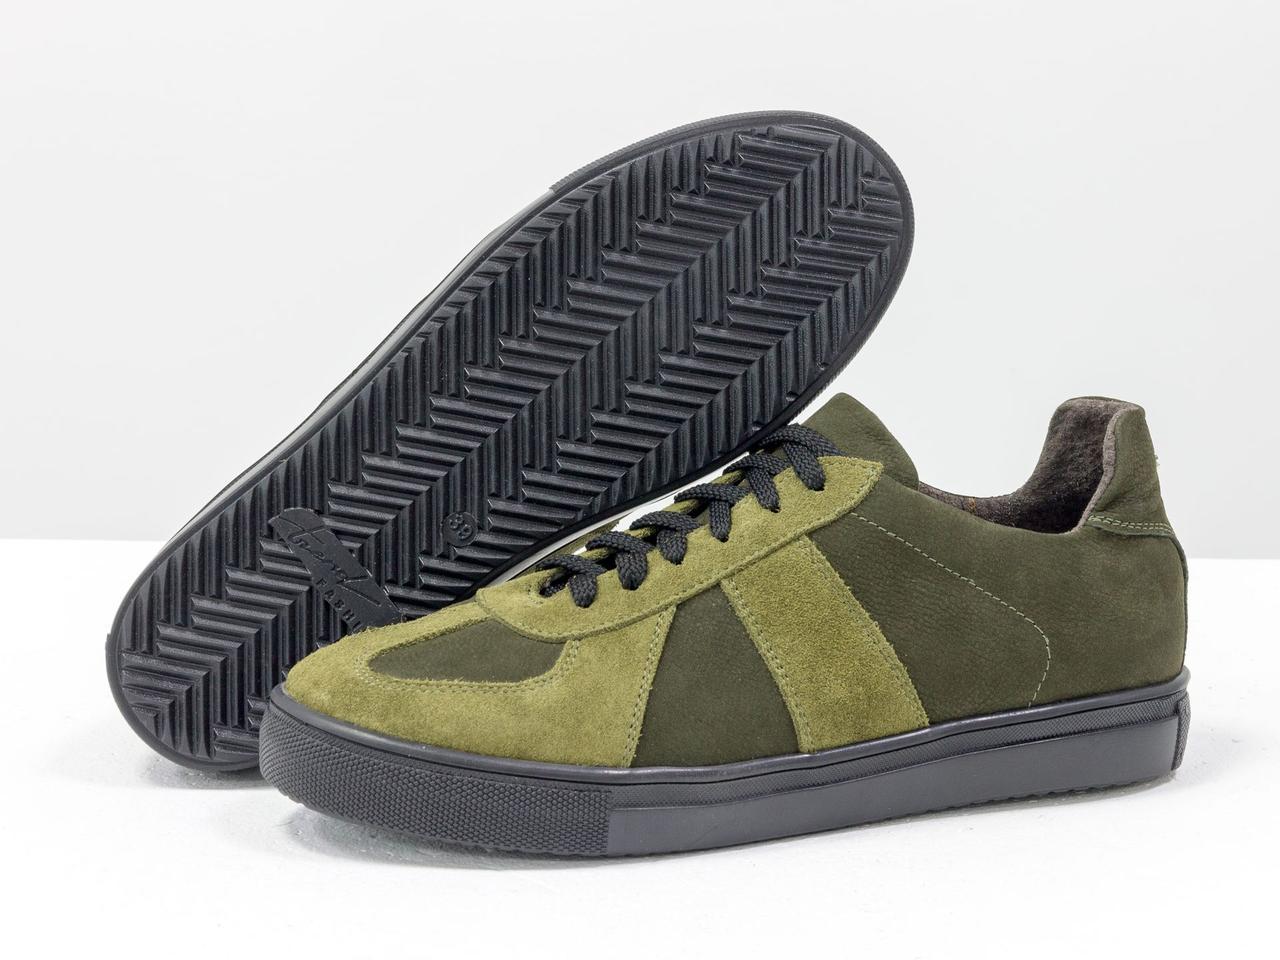 Стильные кроссовки из натуральной замши и матовой кожи оливкового и болотного цвета - фото 7